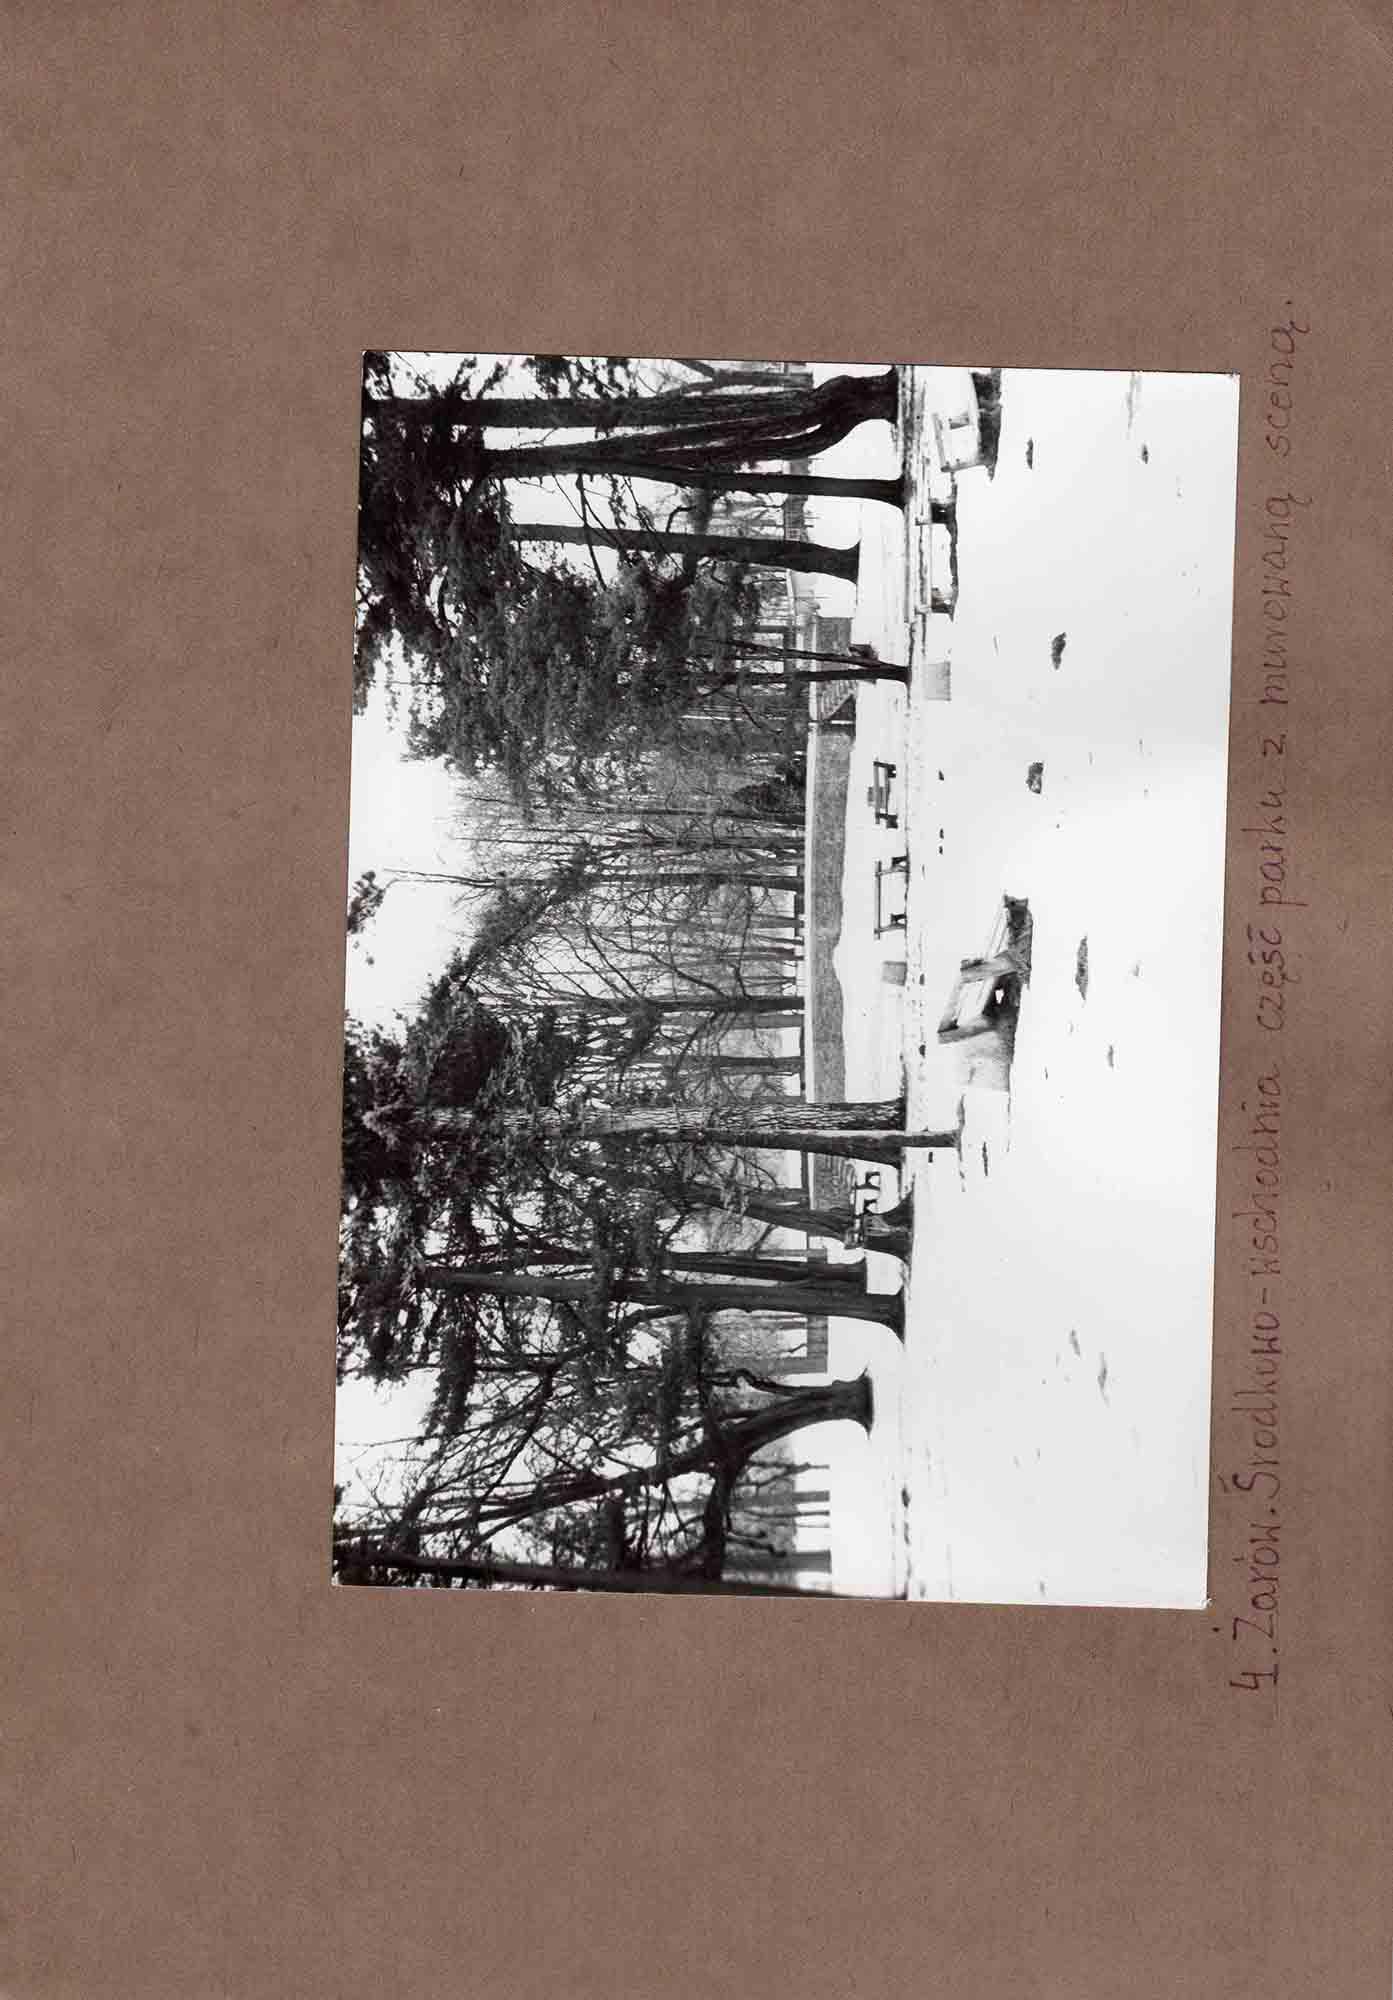 Ewidencja założenia ogrodowo-parkowego 1987 dokument (18)